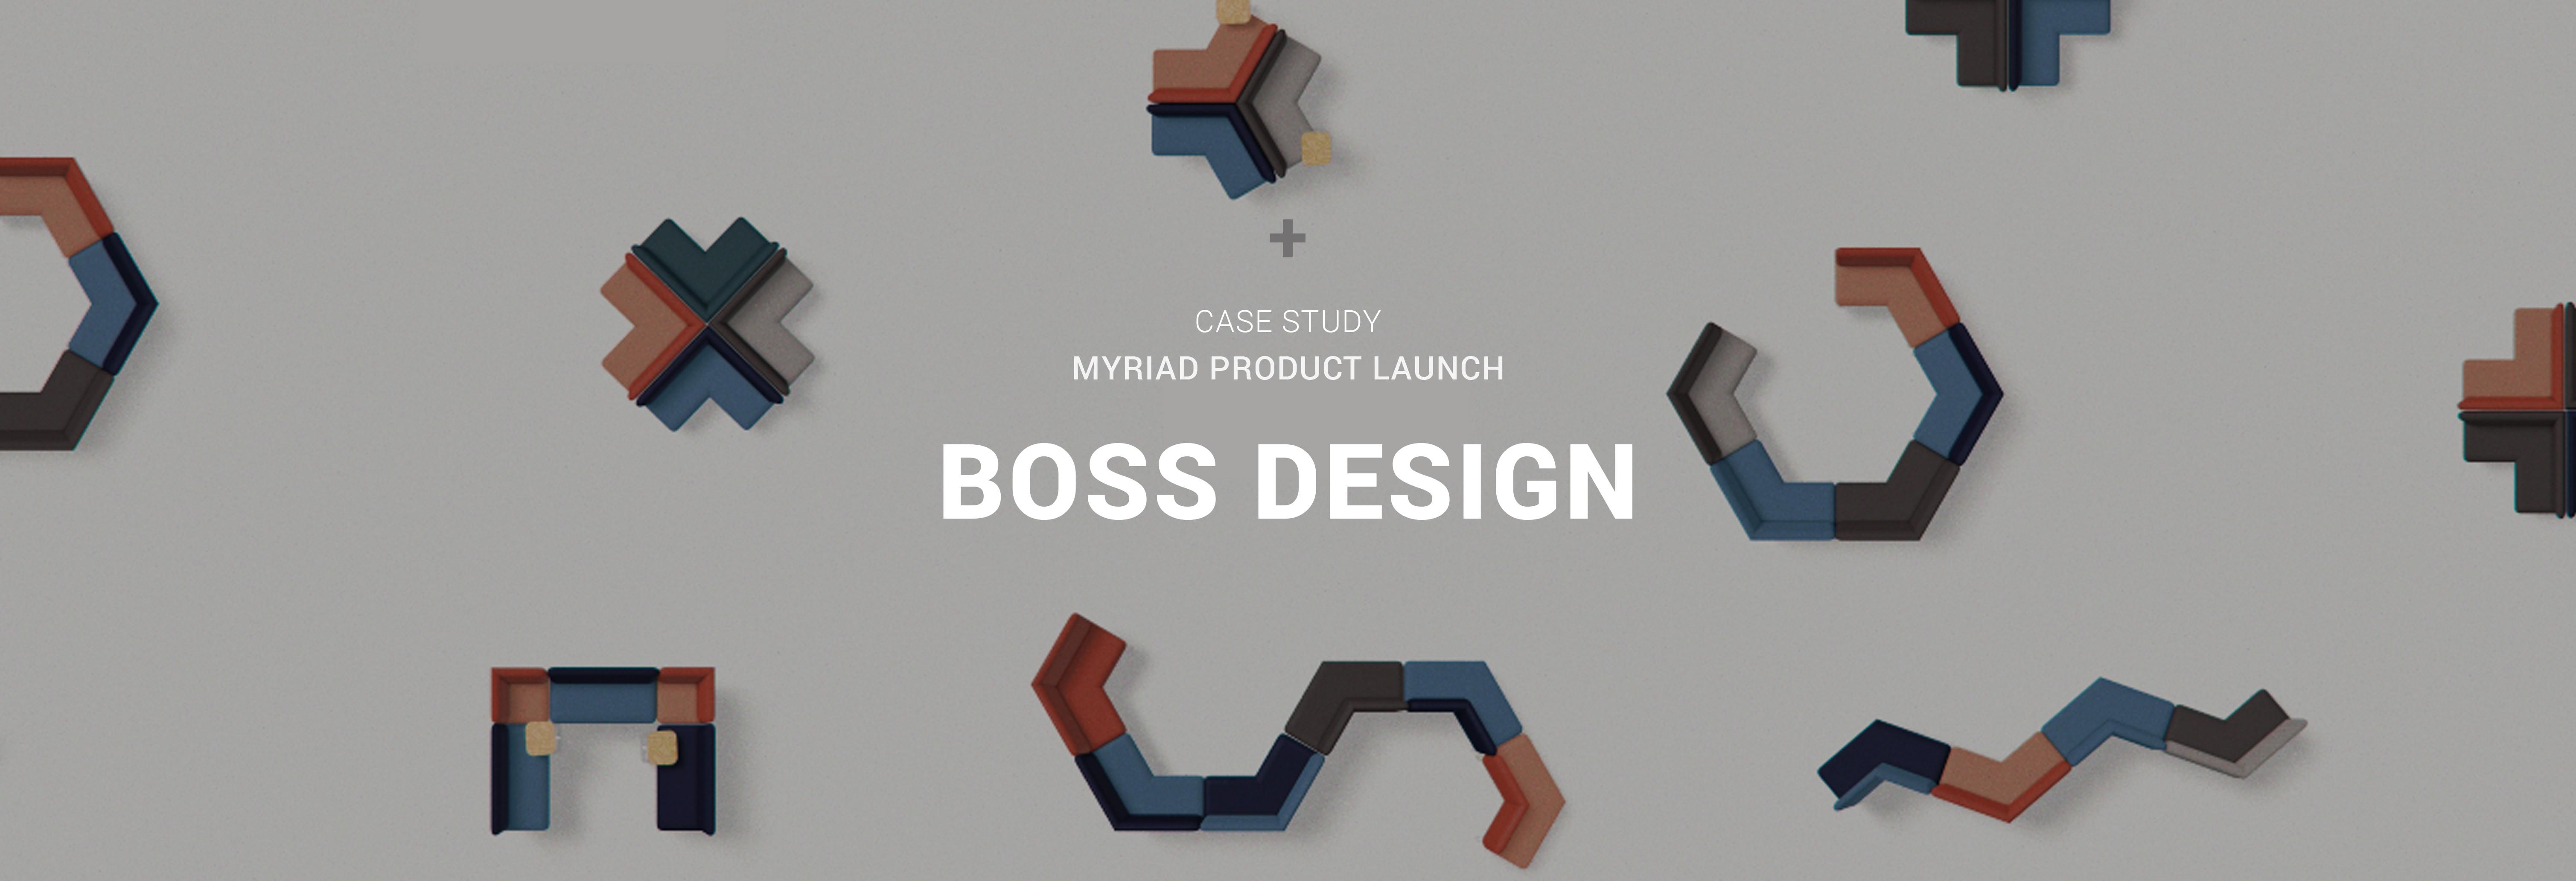 Myriad Product Launch